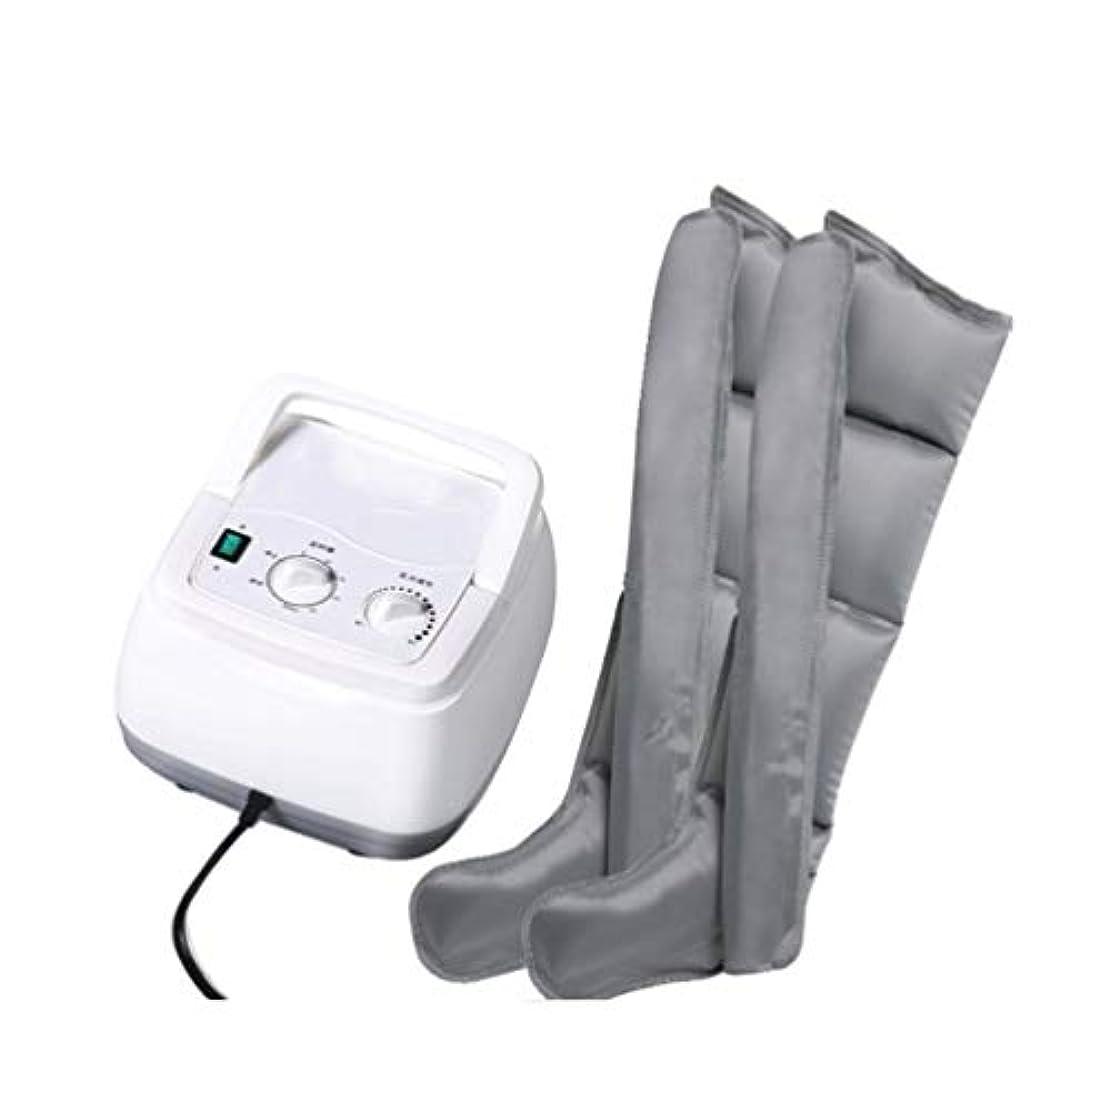 足とふくらはぎの循環のための熱で空気圧縮脚マッサージャーマッサージ脚のラップは腫れや浮腫の痛みを助ける(グレー)